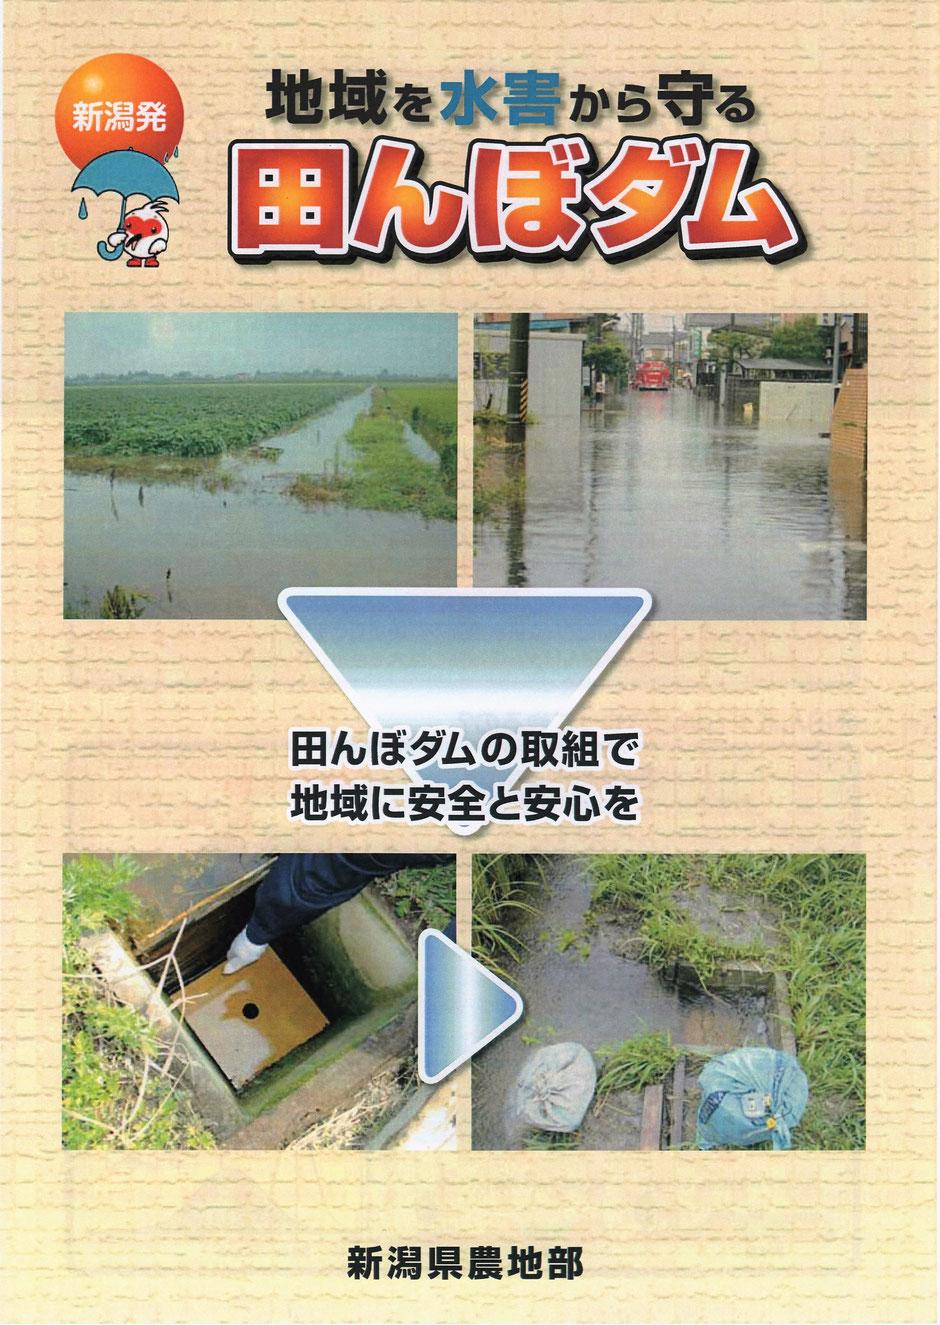 暗渠 暗きょ 田んぼダム 洪水から町を守る 田んぼの貯水機能 豪雨対策 防災機能 水害 ゲリラ豪雨 田面 田んぼの水はけ